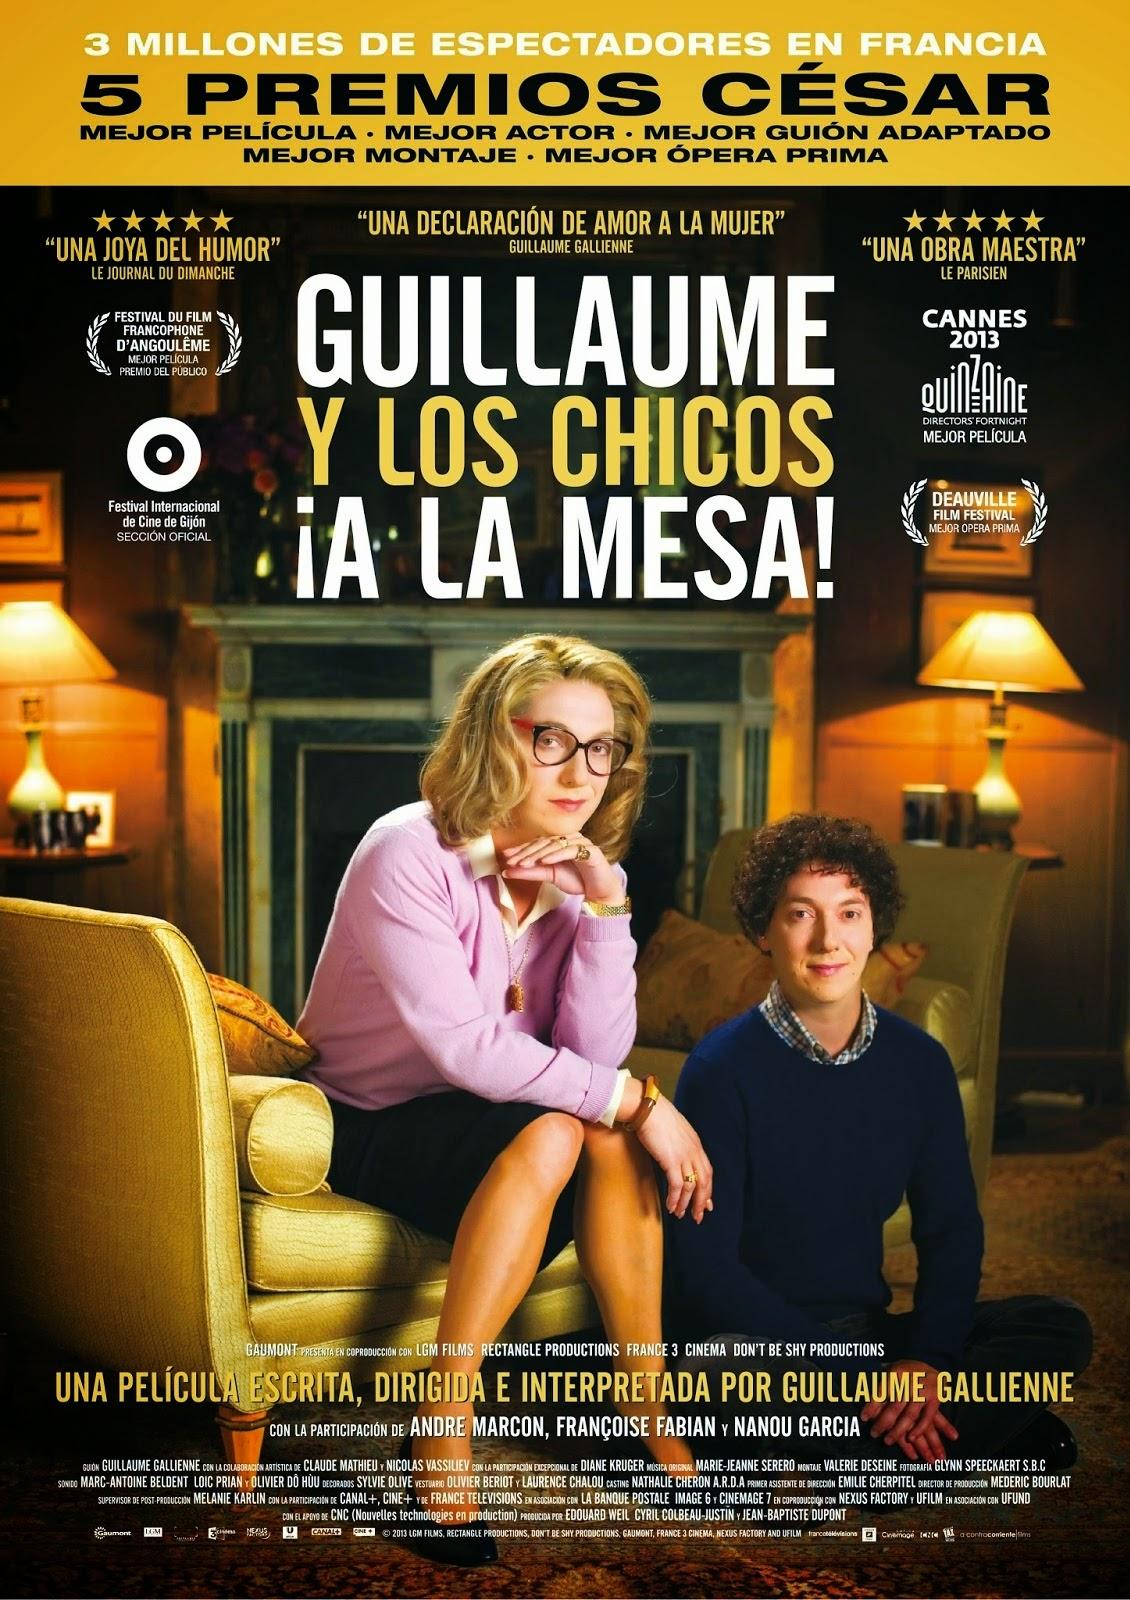 Guillaume_y_los_chicos_a_la_mesa-Cartel